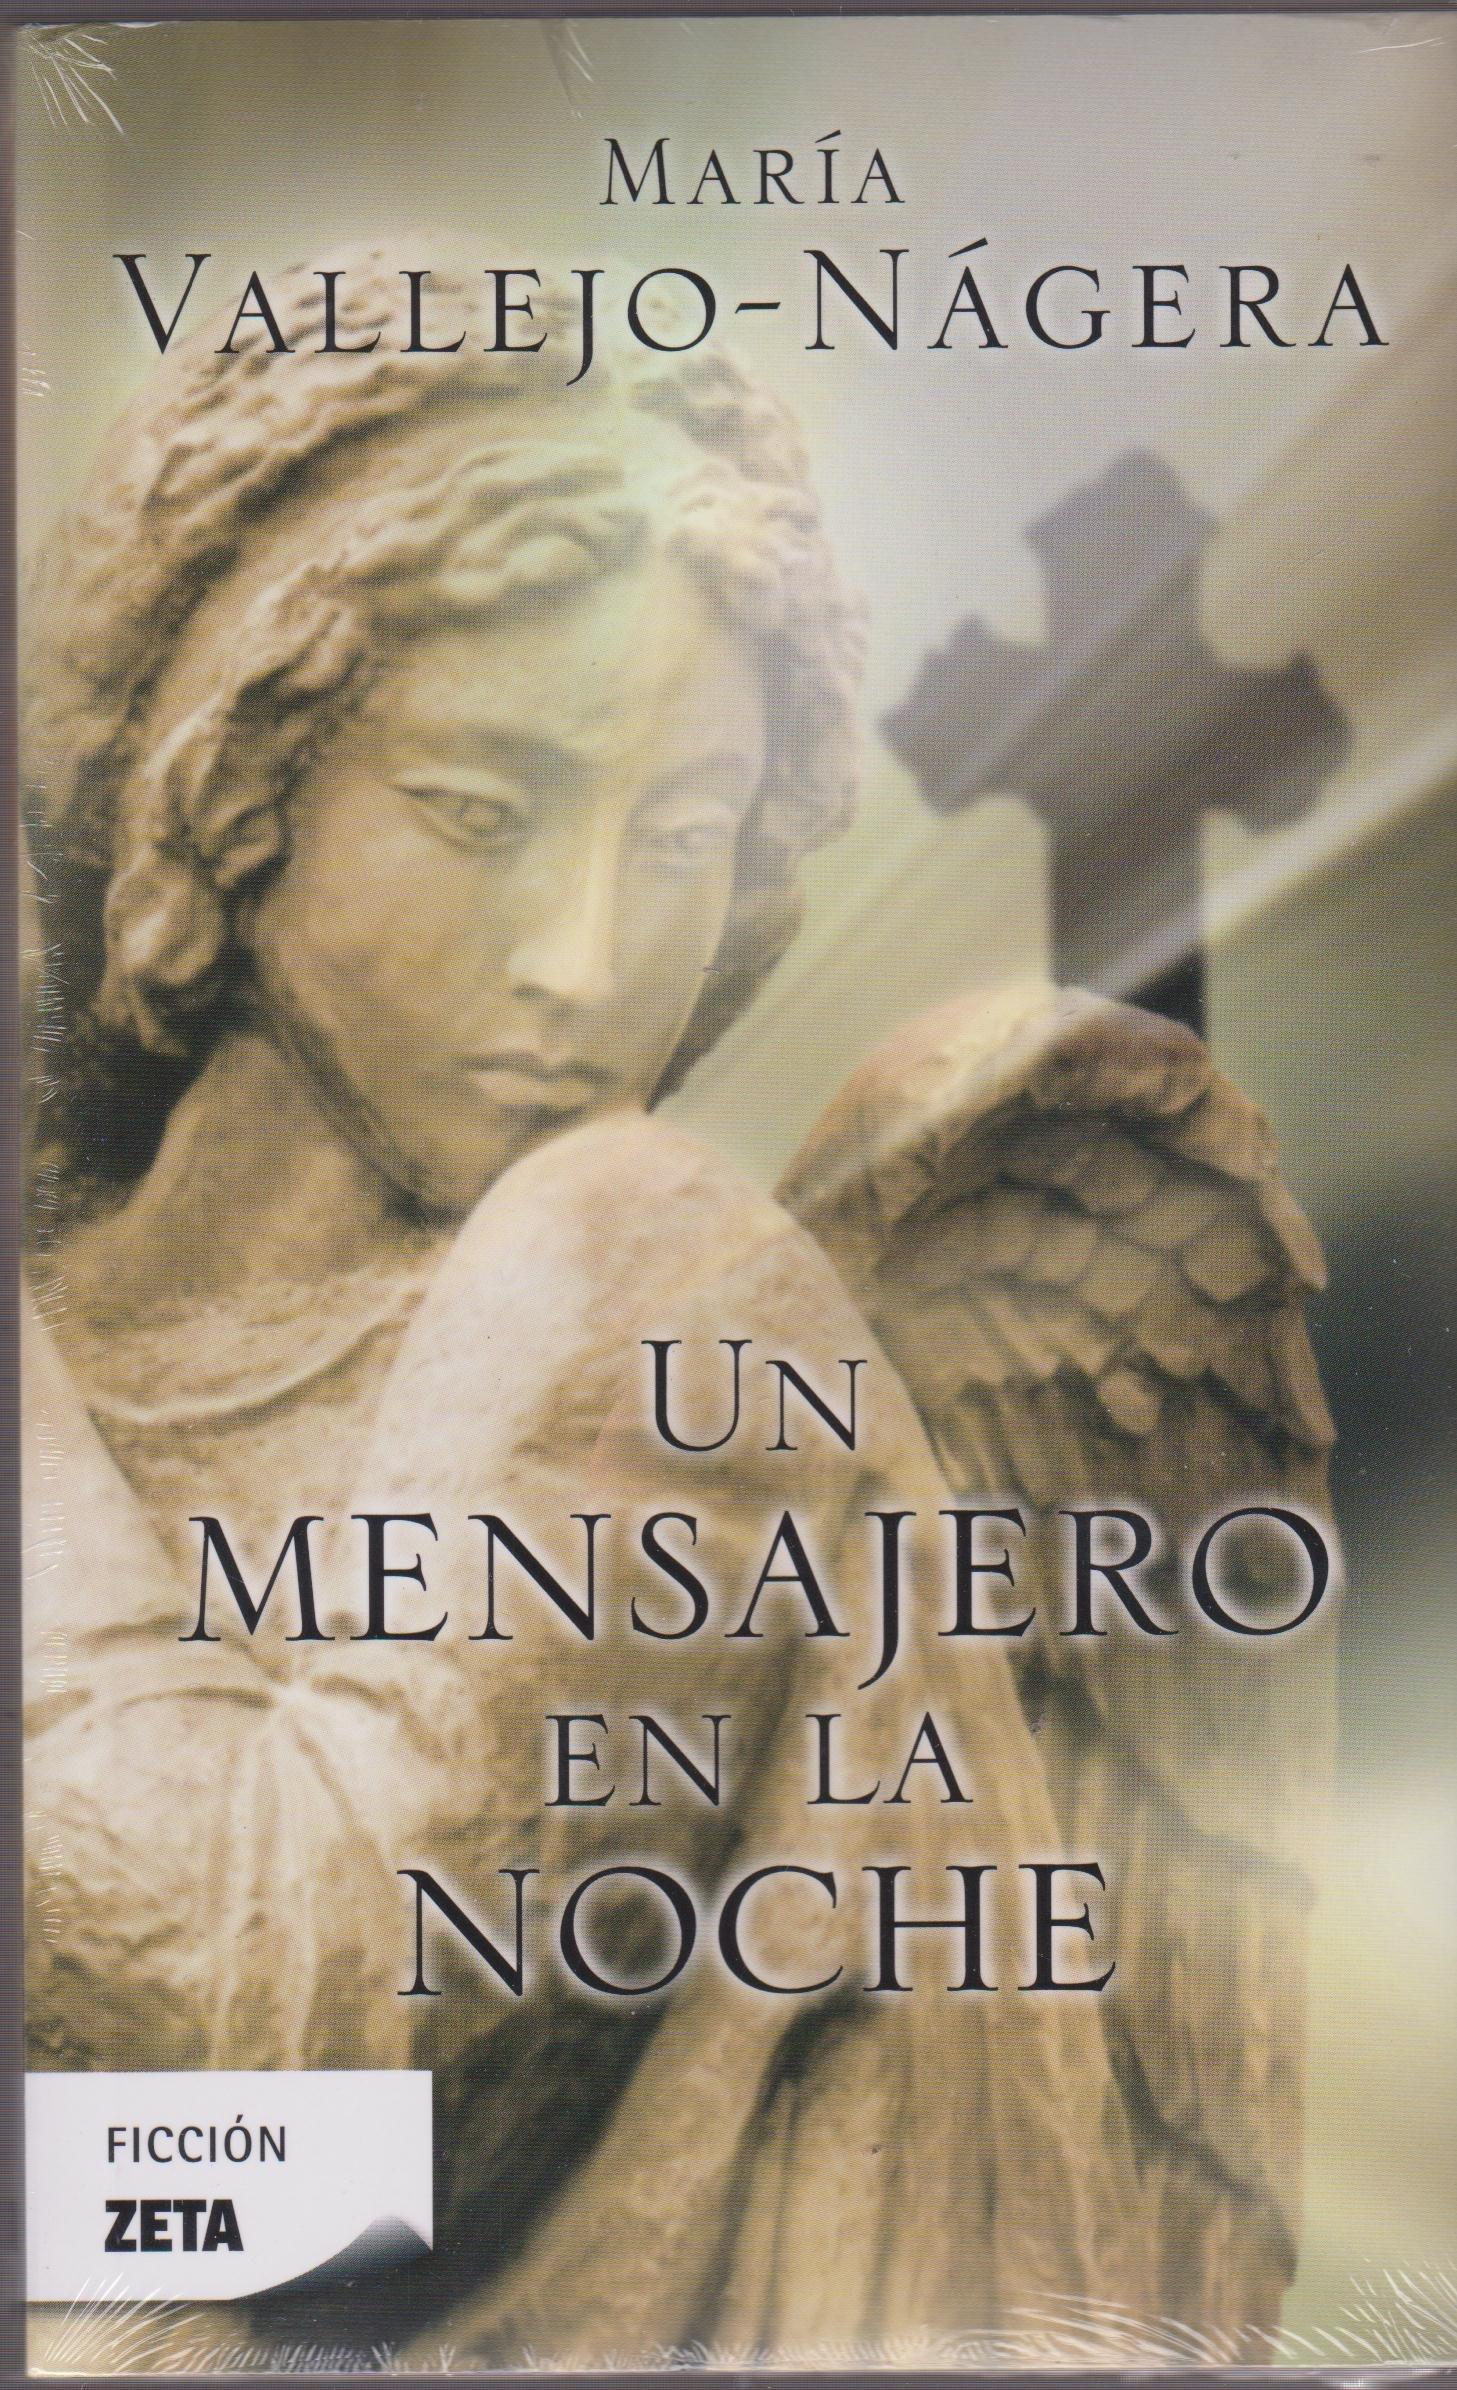 UN MENSAJERO EN LA NOCHE (Spanish Edition) by Brand: Ediciones B